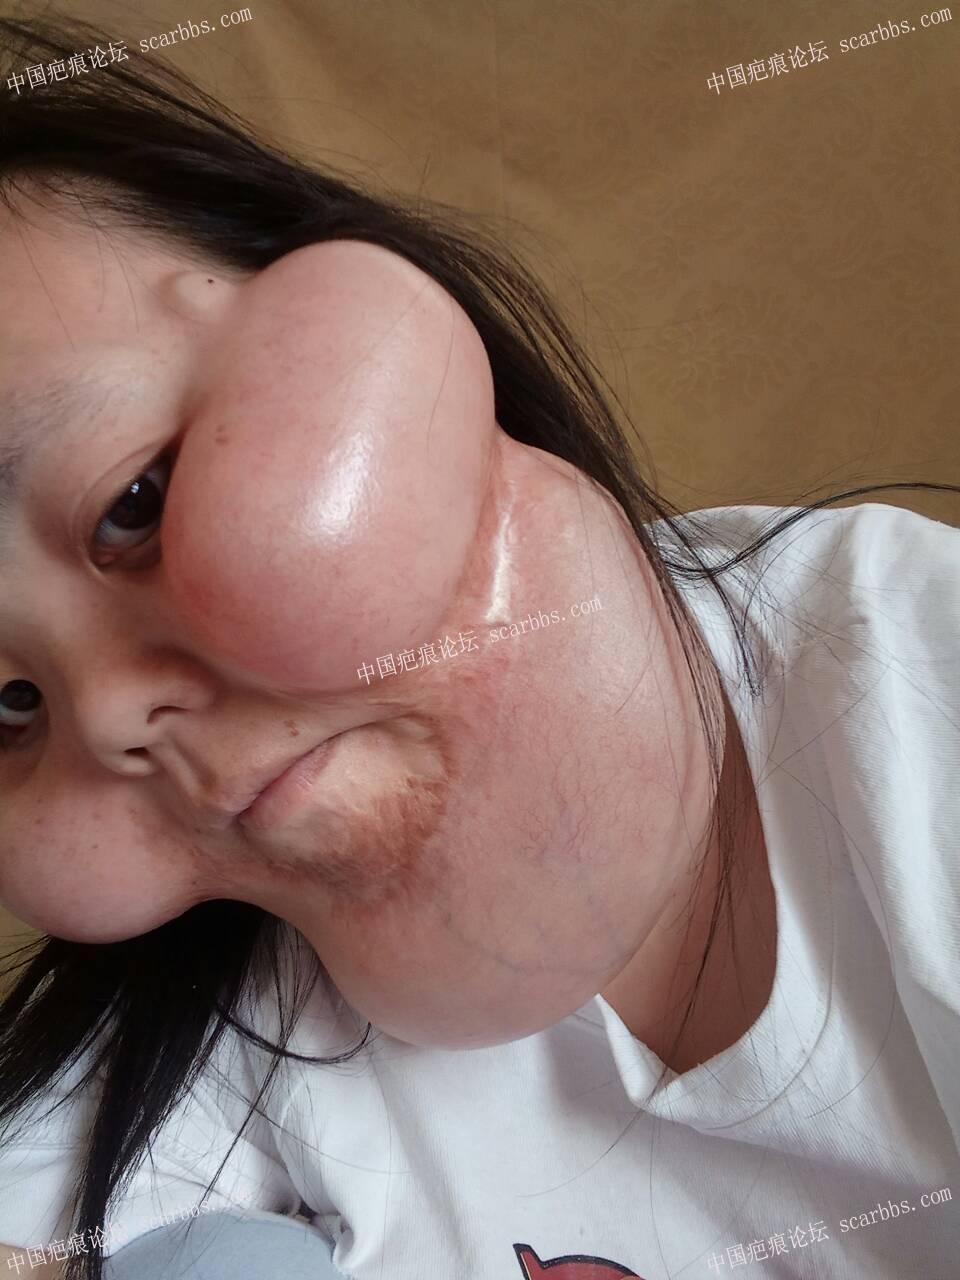 用扩张器疗法甩掉跟了我30年的疤46-疤痕体质图片_疤痕疙瘩图片-中国疤痕论坛